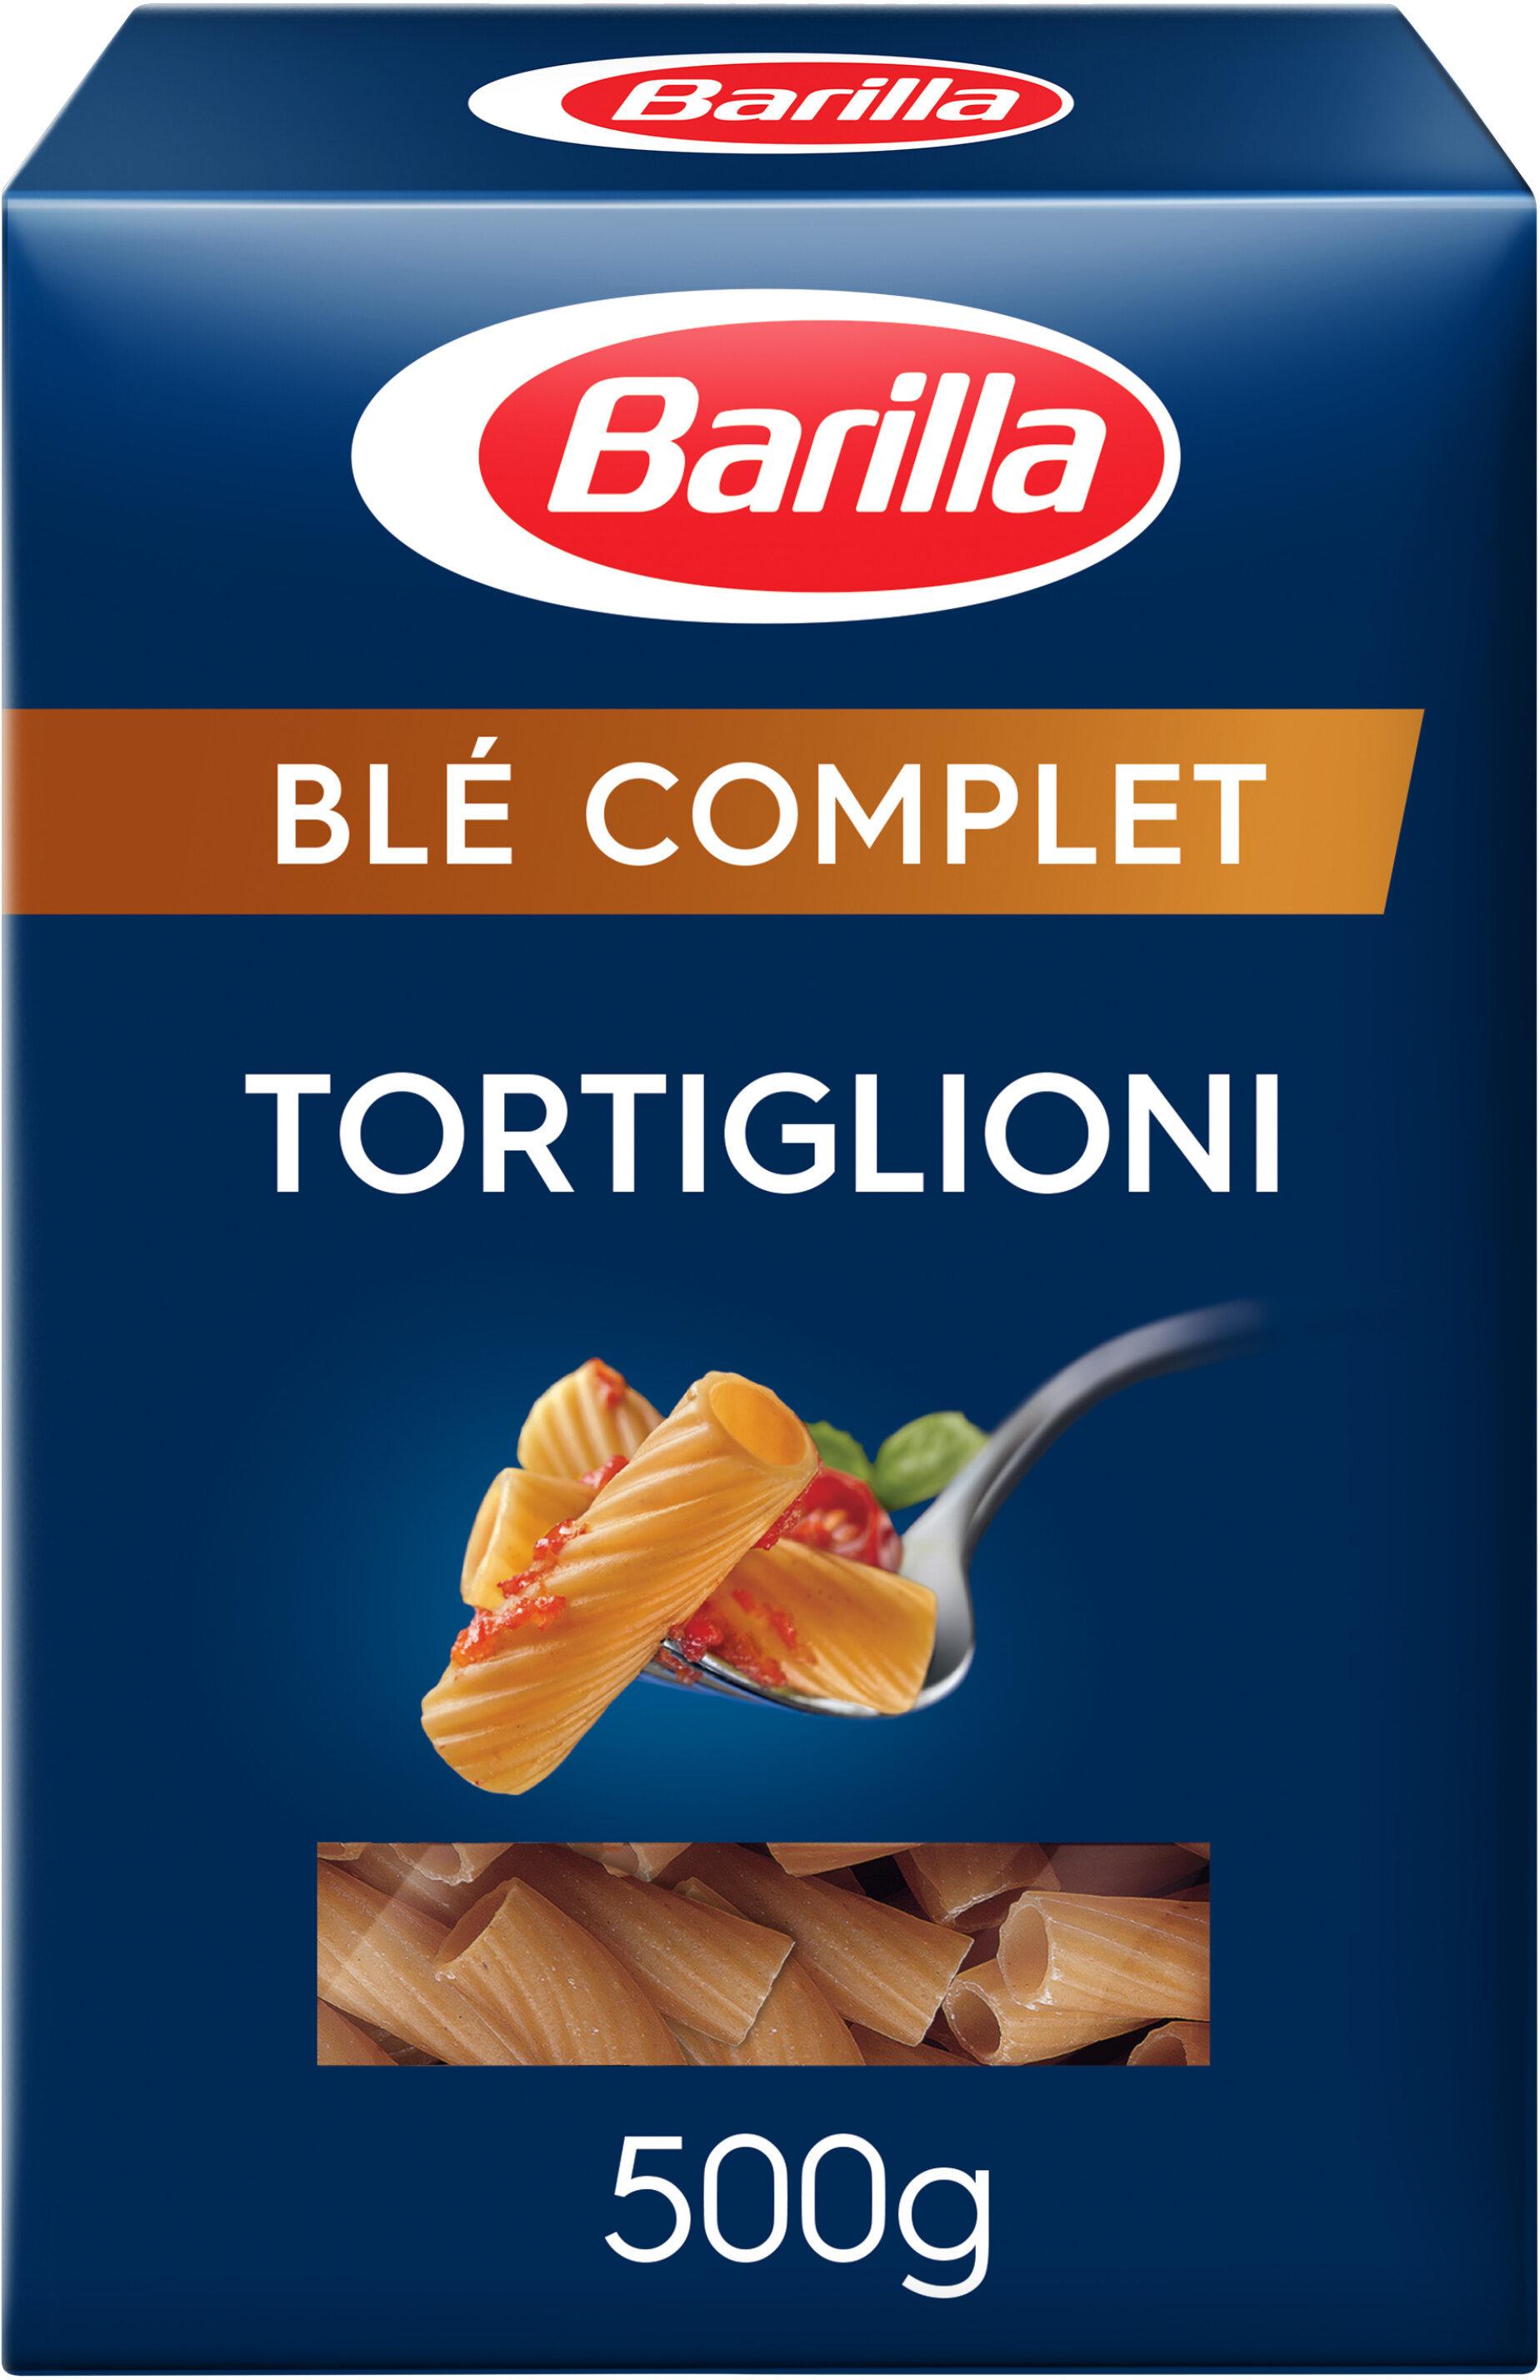 Pâtes Tortiglioni au blé complet - Product - fr